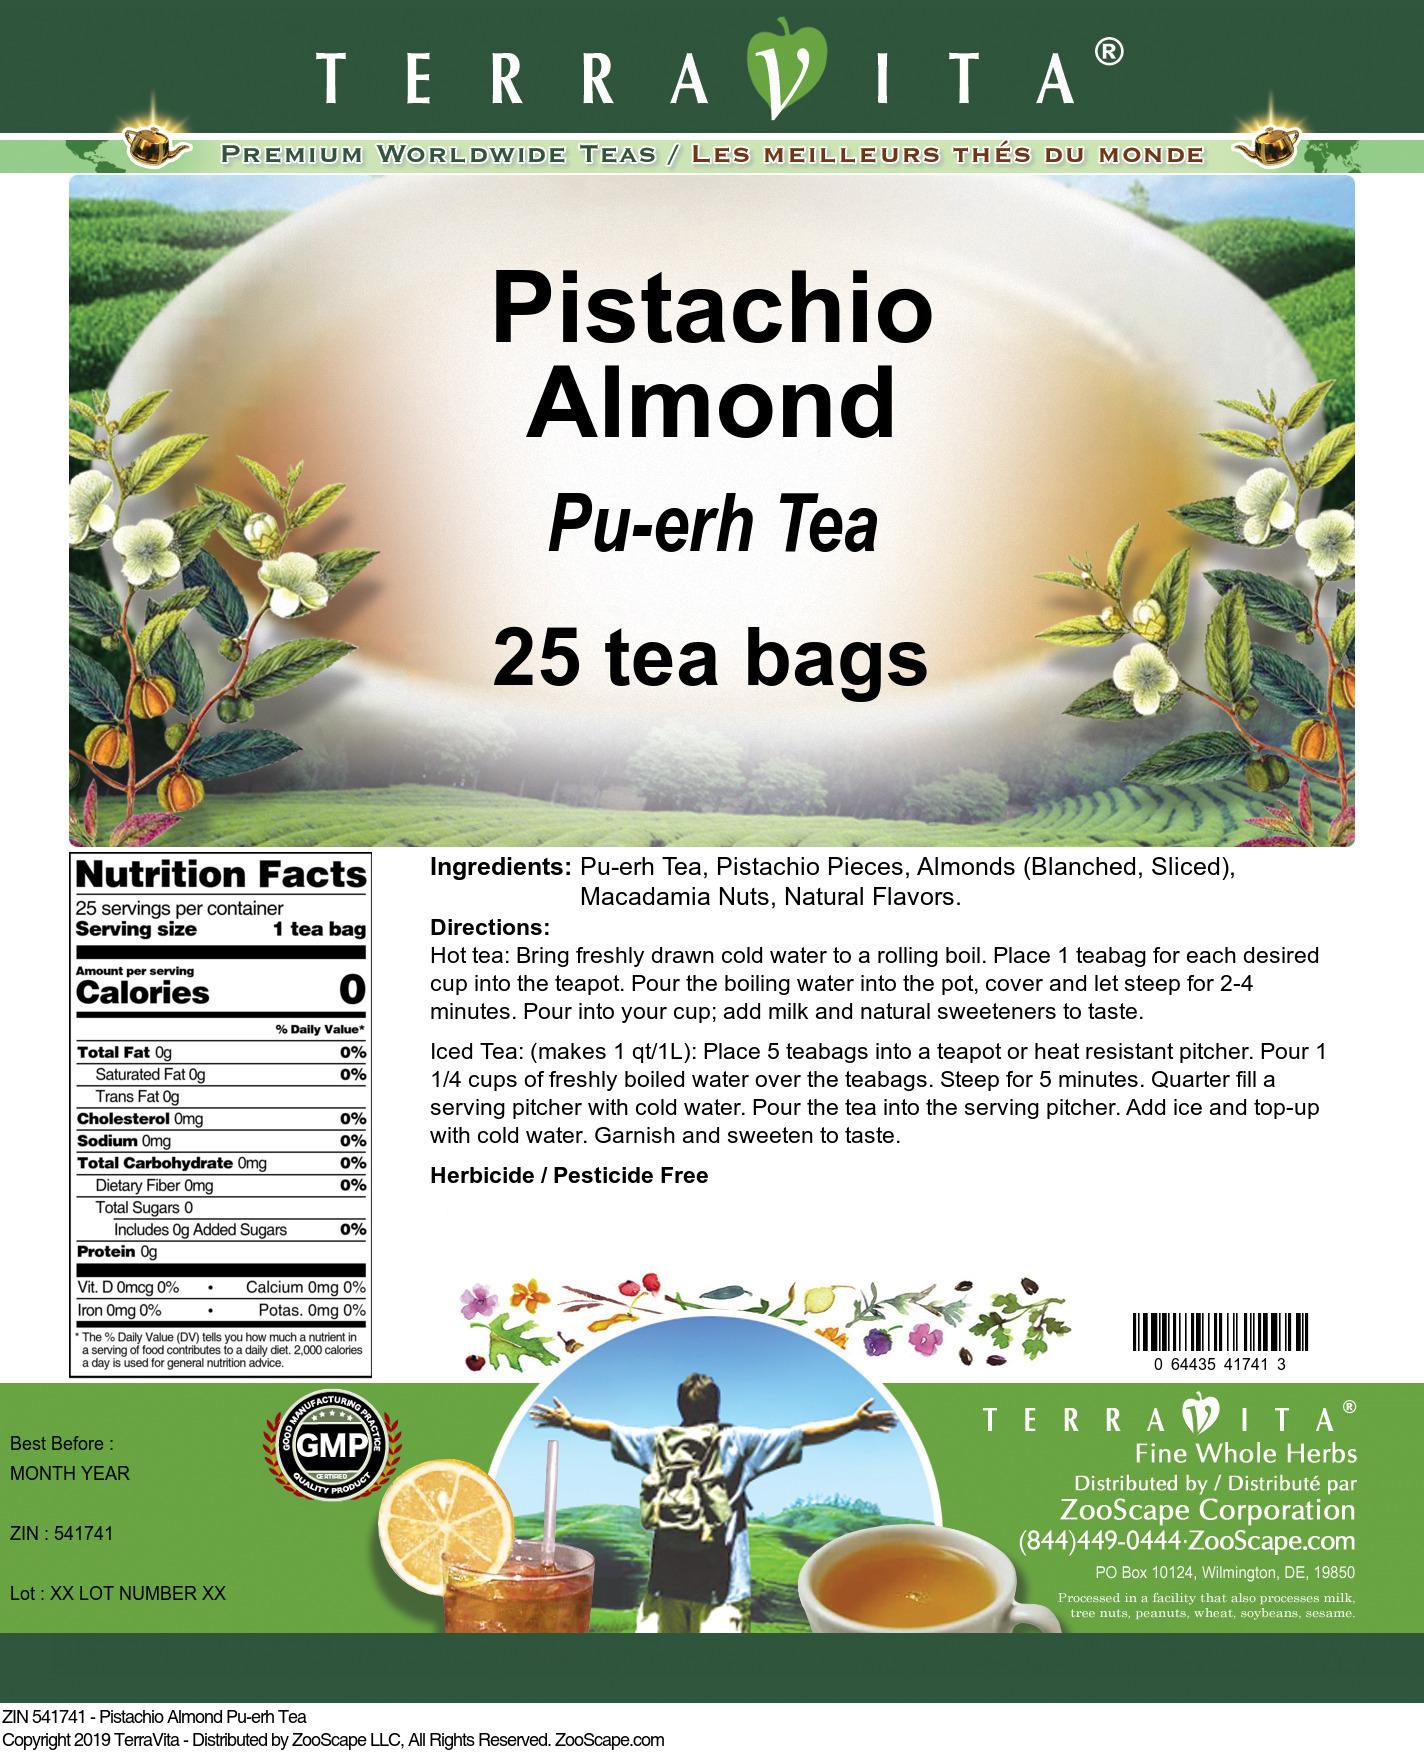 Pistachio Almond Pu-erh Tea